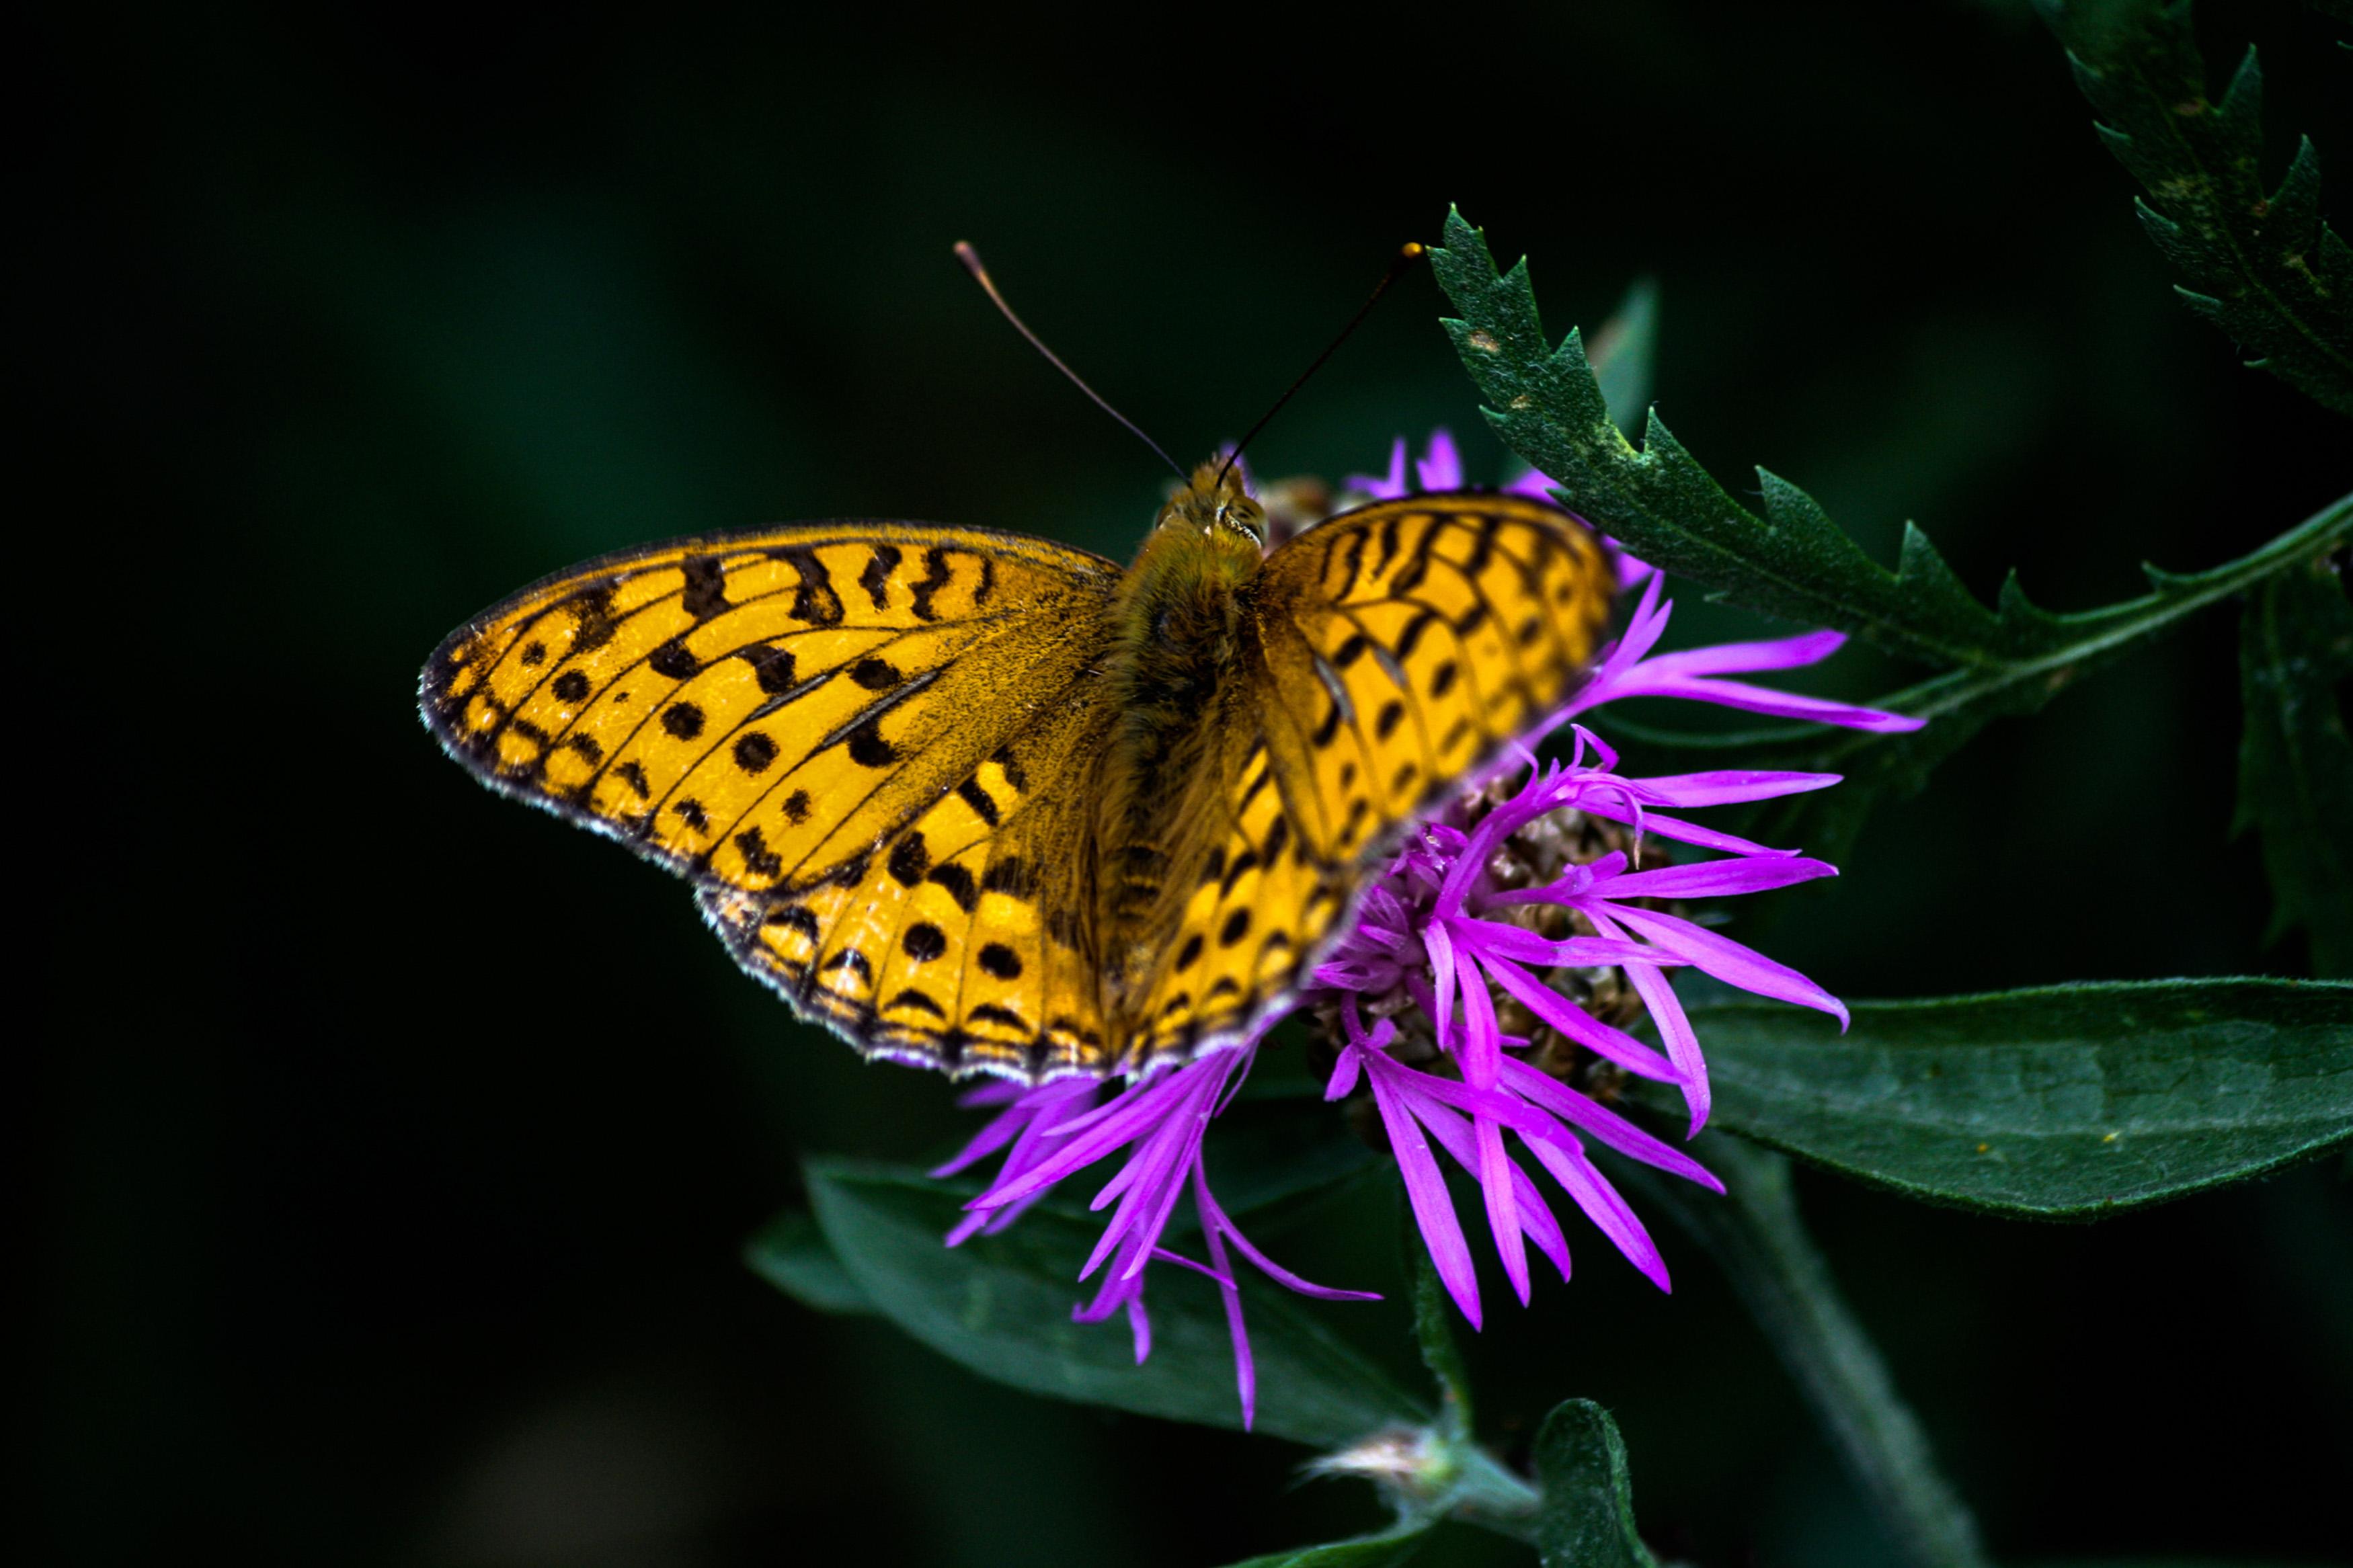 01_Butterfly_Reijo Hovilainen